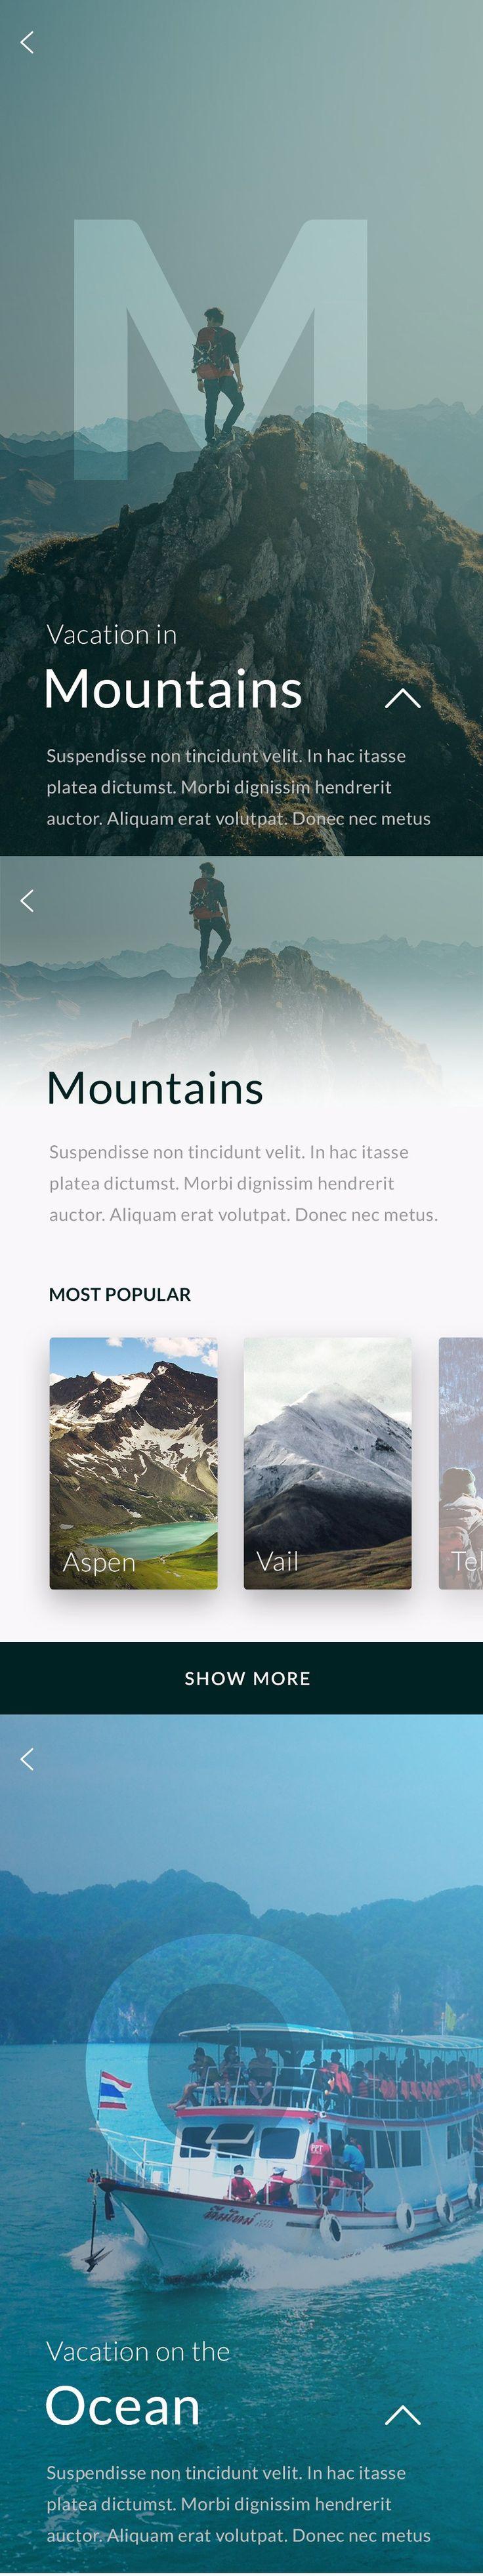 Free Travel App Screens by Apolonia Podleszka